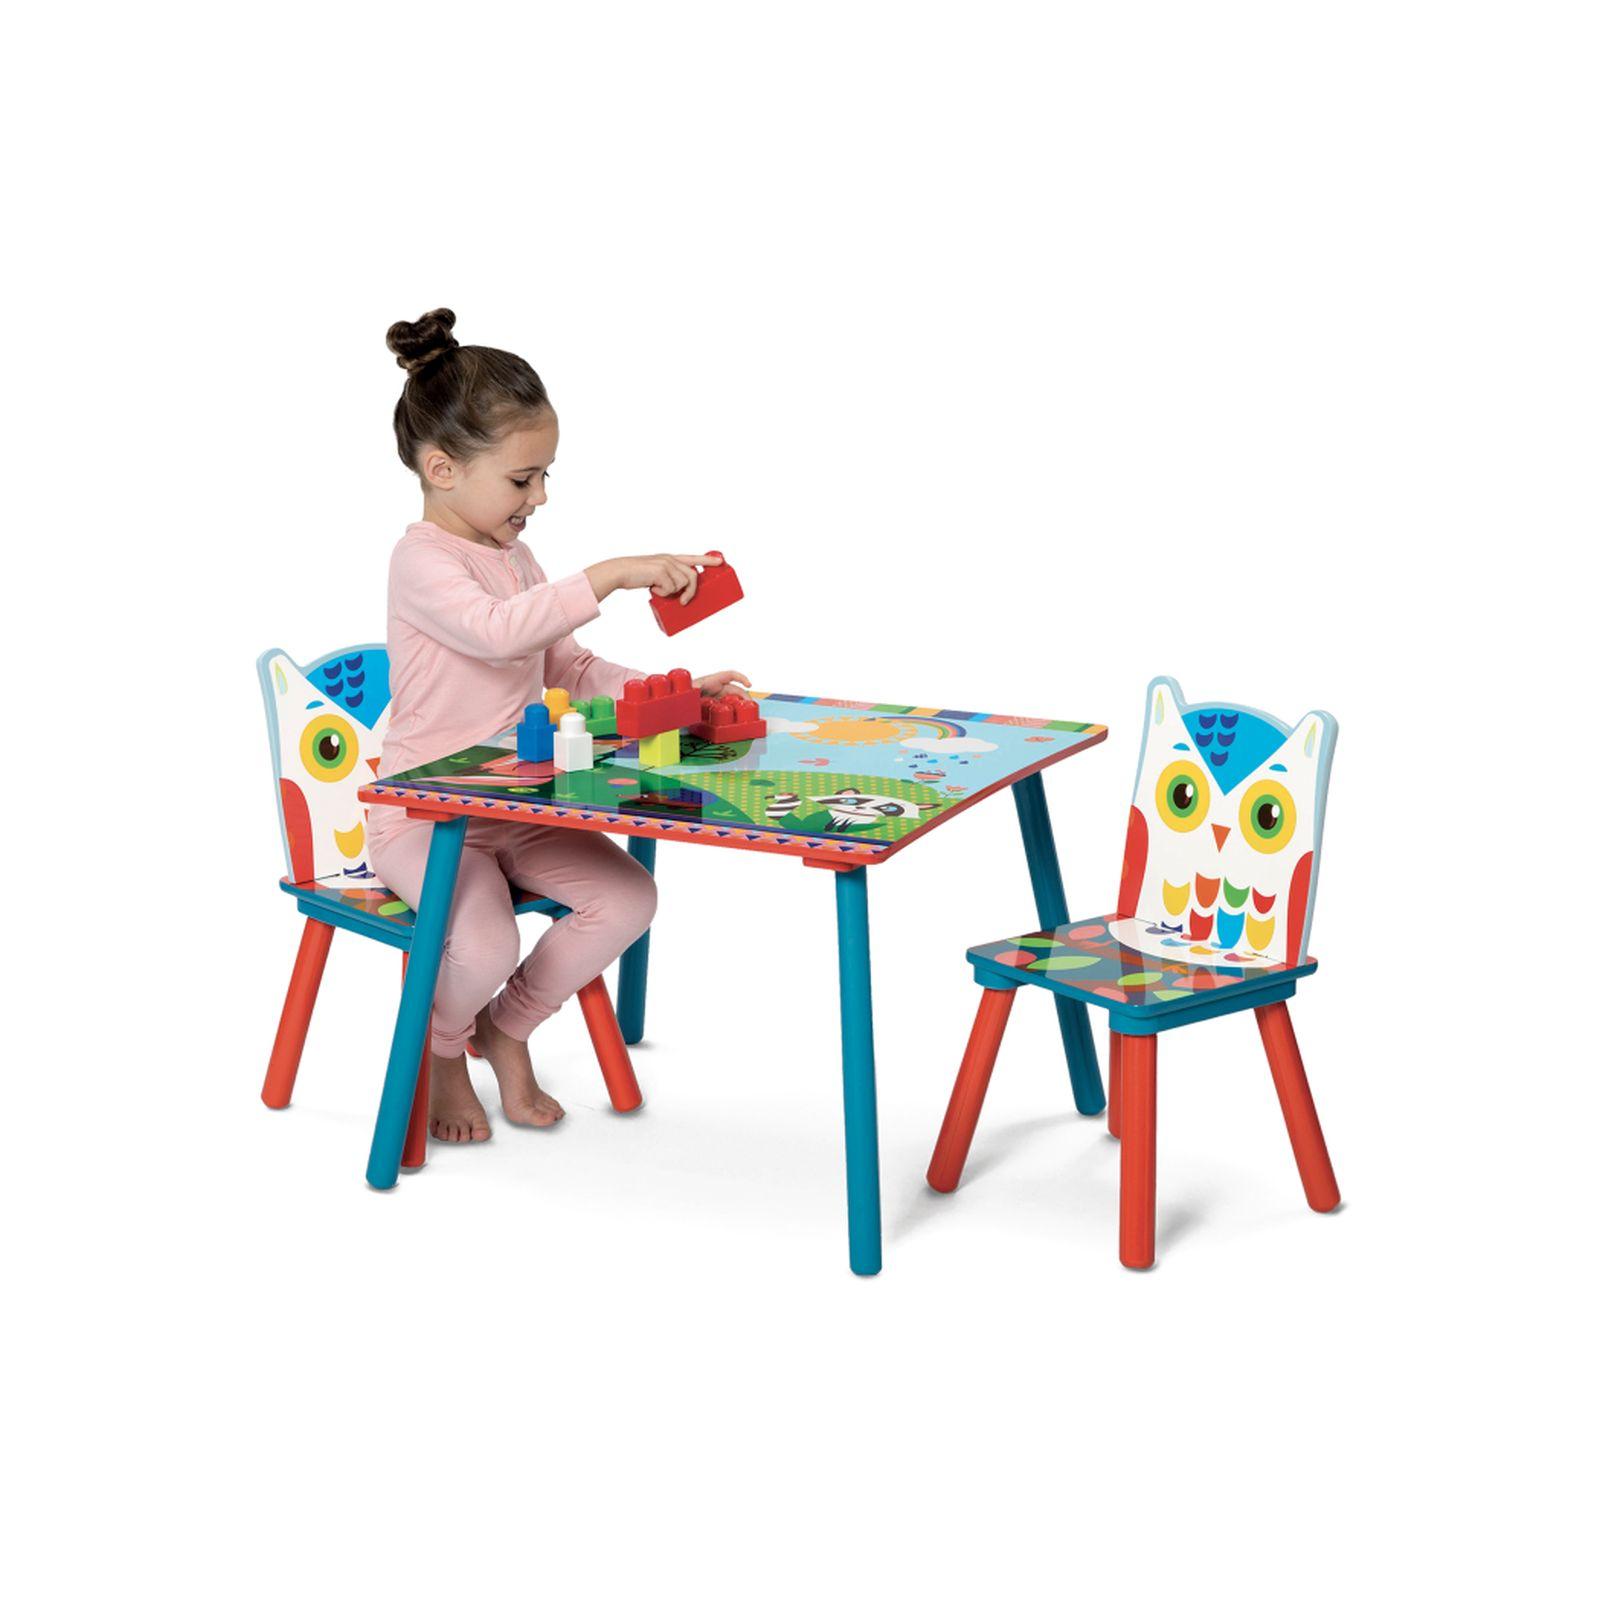 Tavole E Sedie In Legno Gufo Toys Center